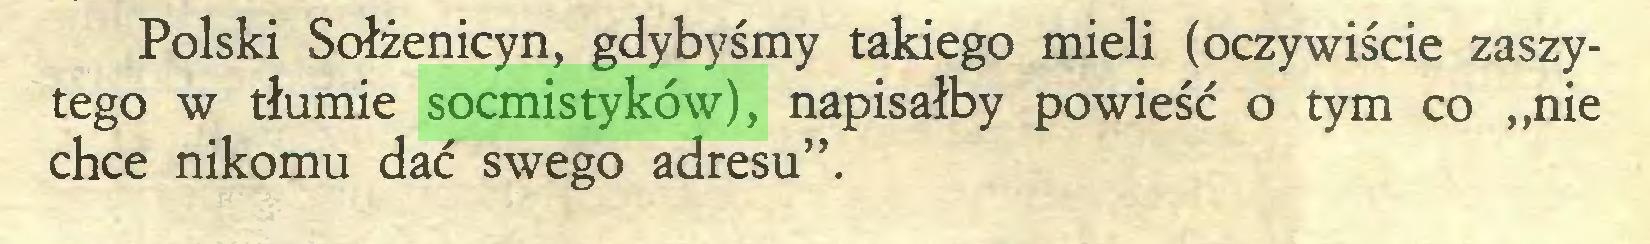 """(...) Polski Sołżenicyn, gdybyśmy takiego mieli (oczywiście zaszytego w tłumie socmistyków), napisałby powieść o tym co """"nie chce nikomu dać swego adresu""""..."""